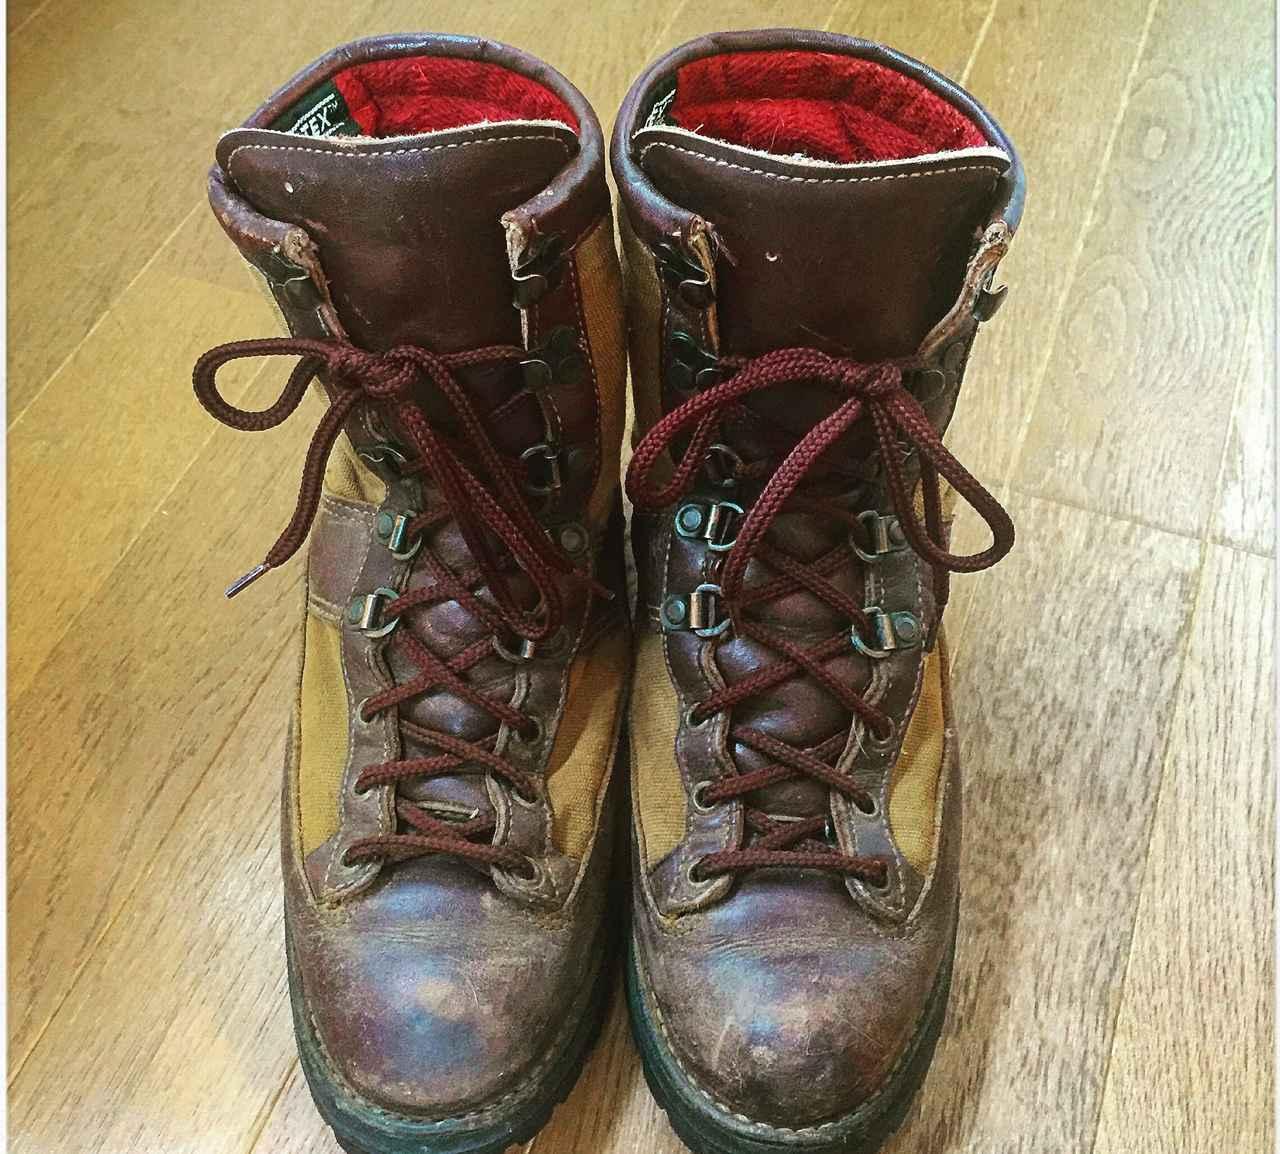 画像: 【ダナー】はアメリカ発の人気ブランド 靴にゴアテックスを採用した防水ブーツがキャンプにぴったり